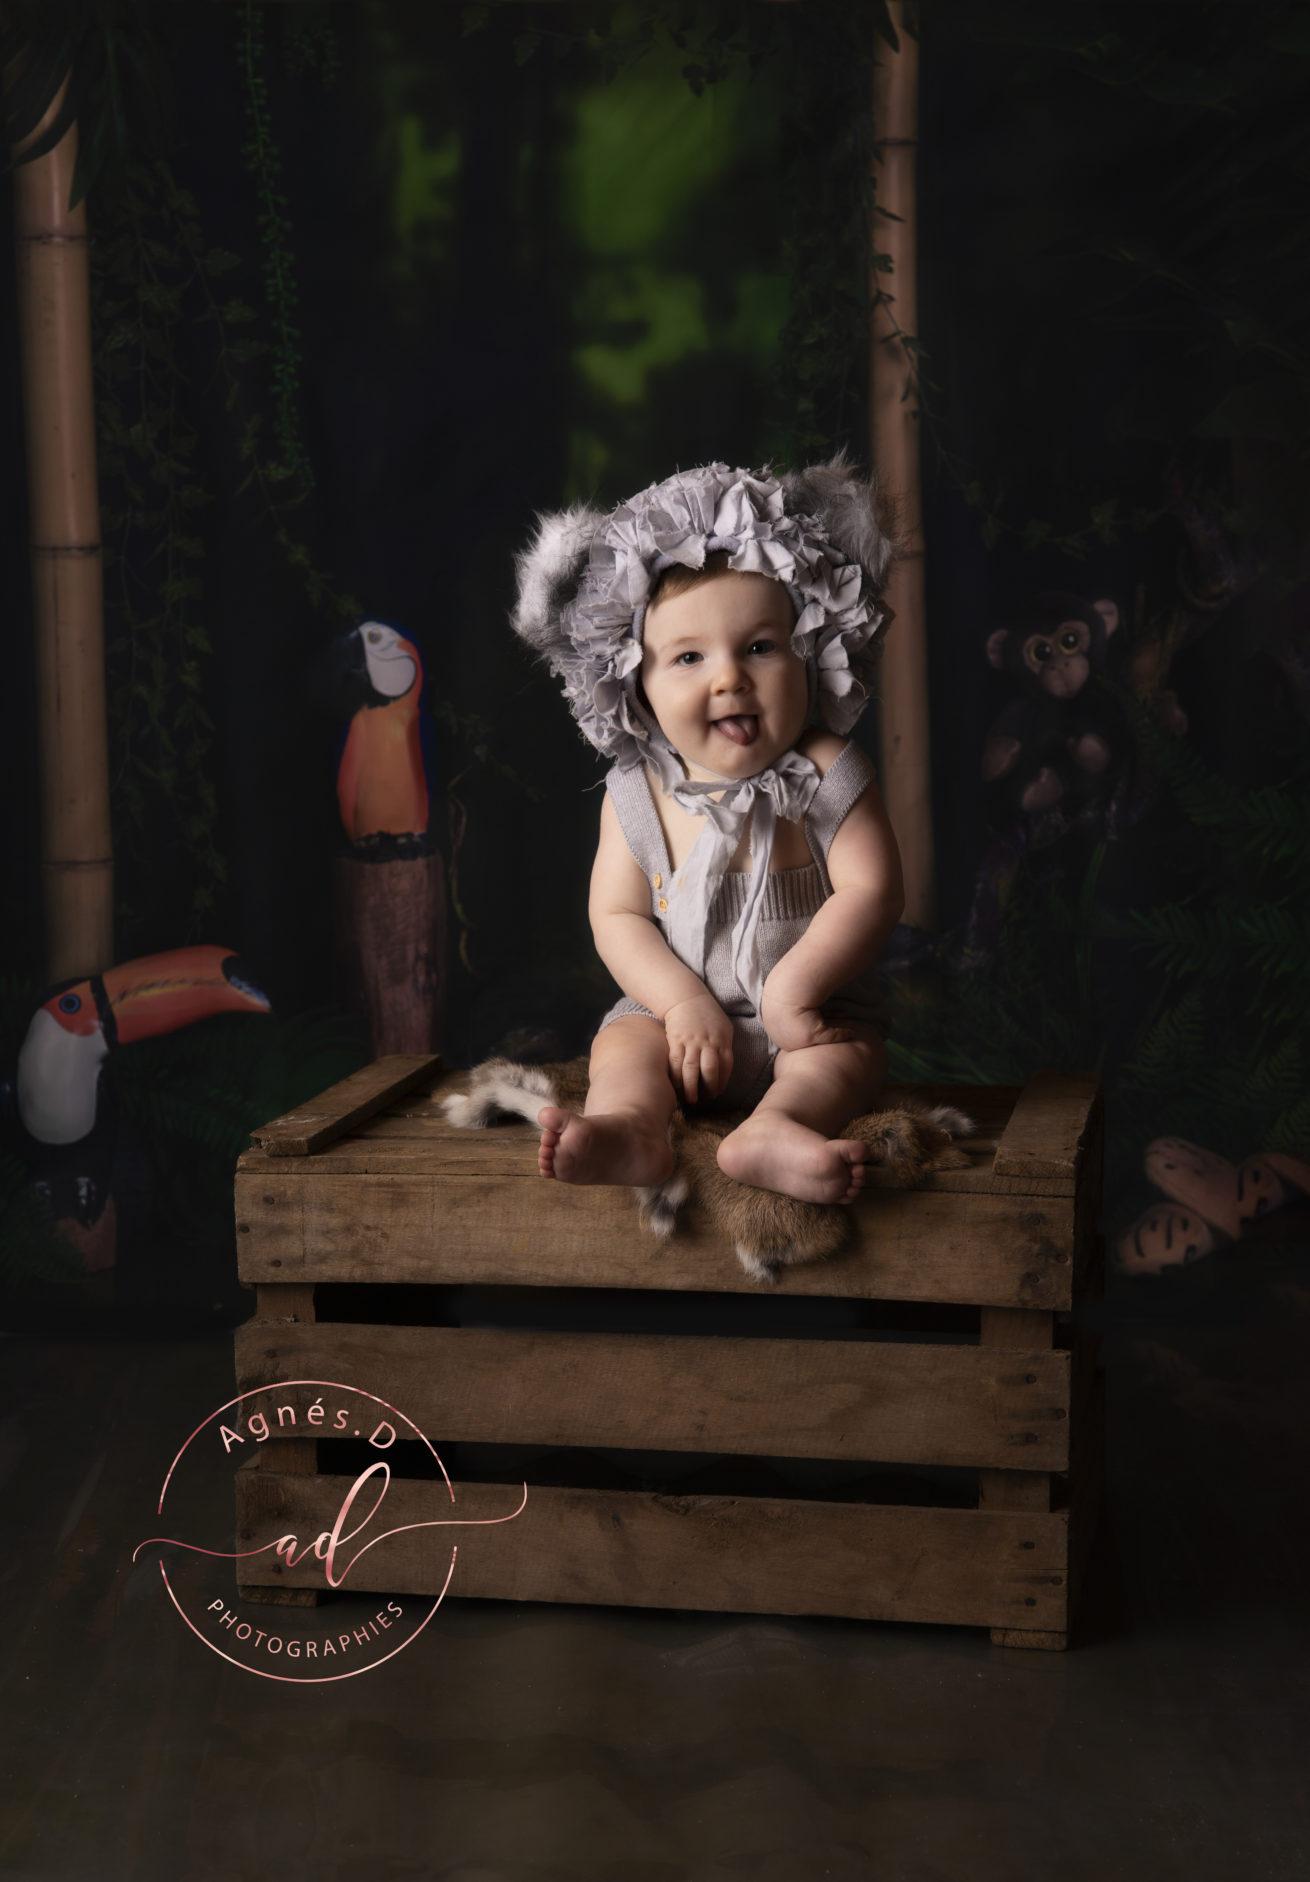 séance photo enfant bonnet rigolo Dax, Bayonne, Pays Basque, Landes